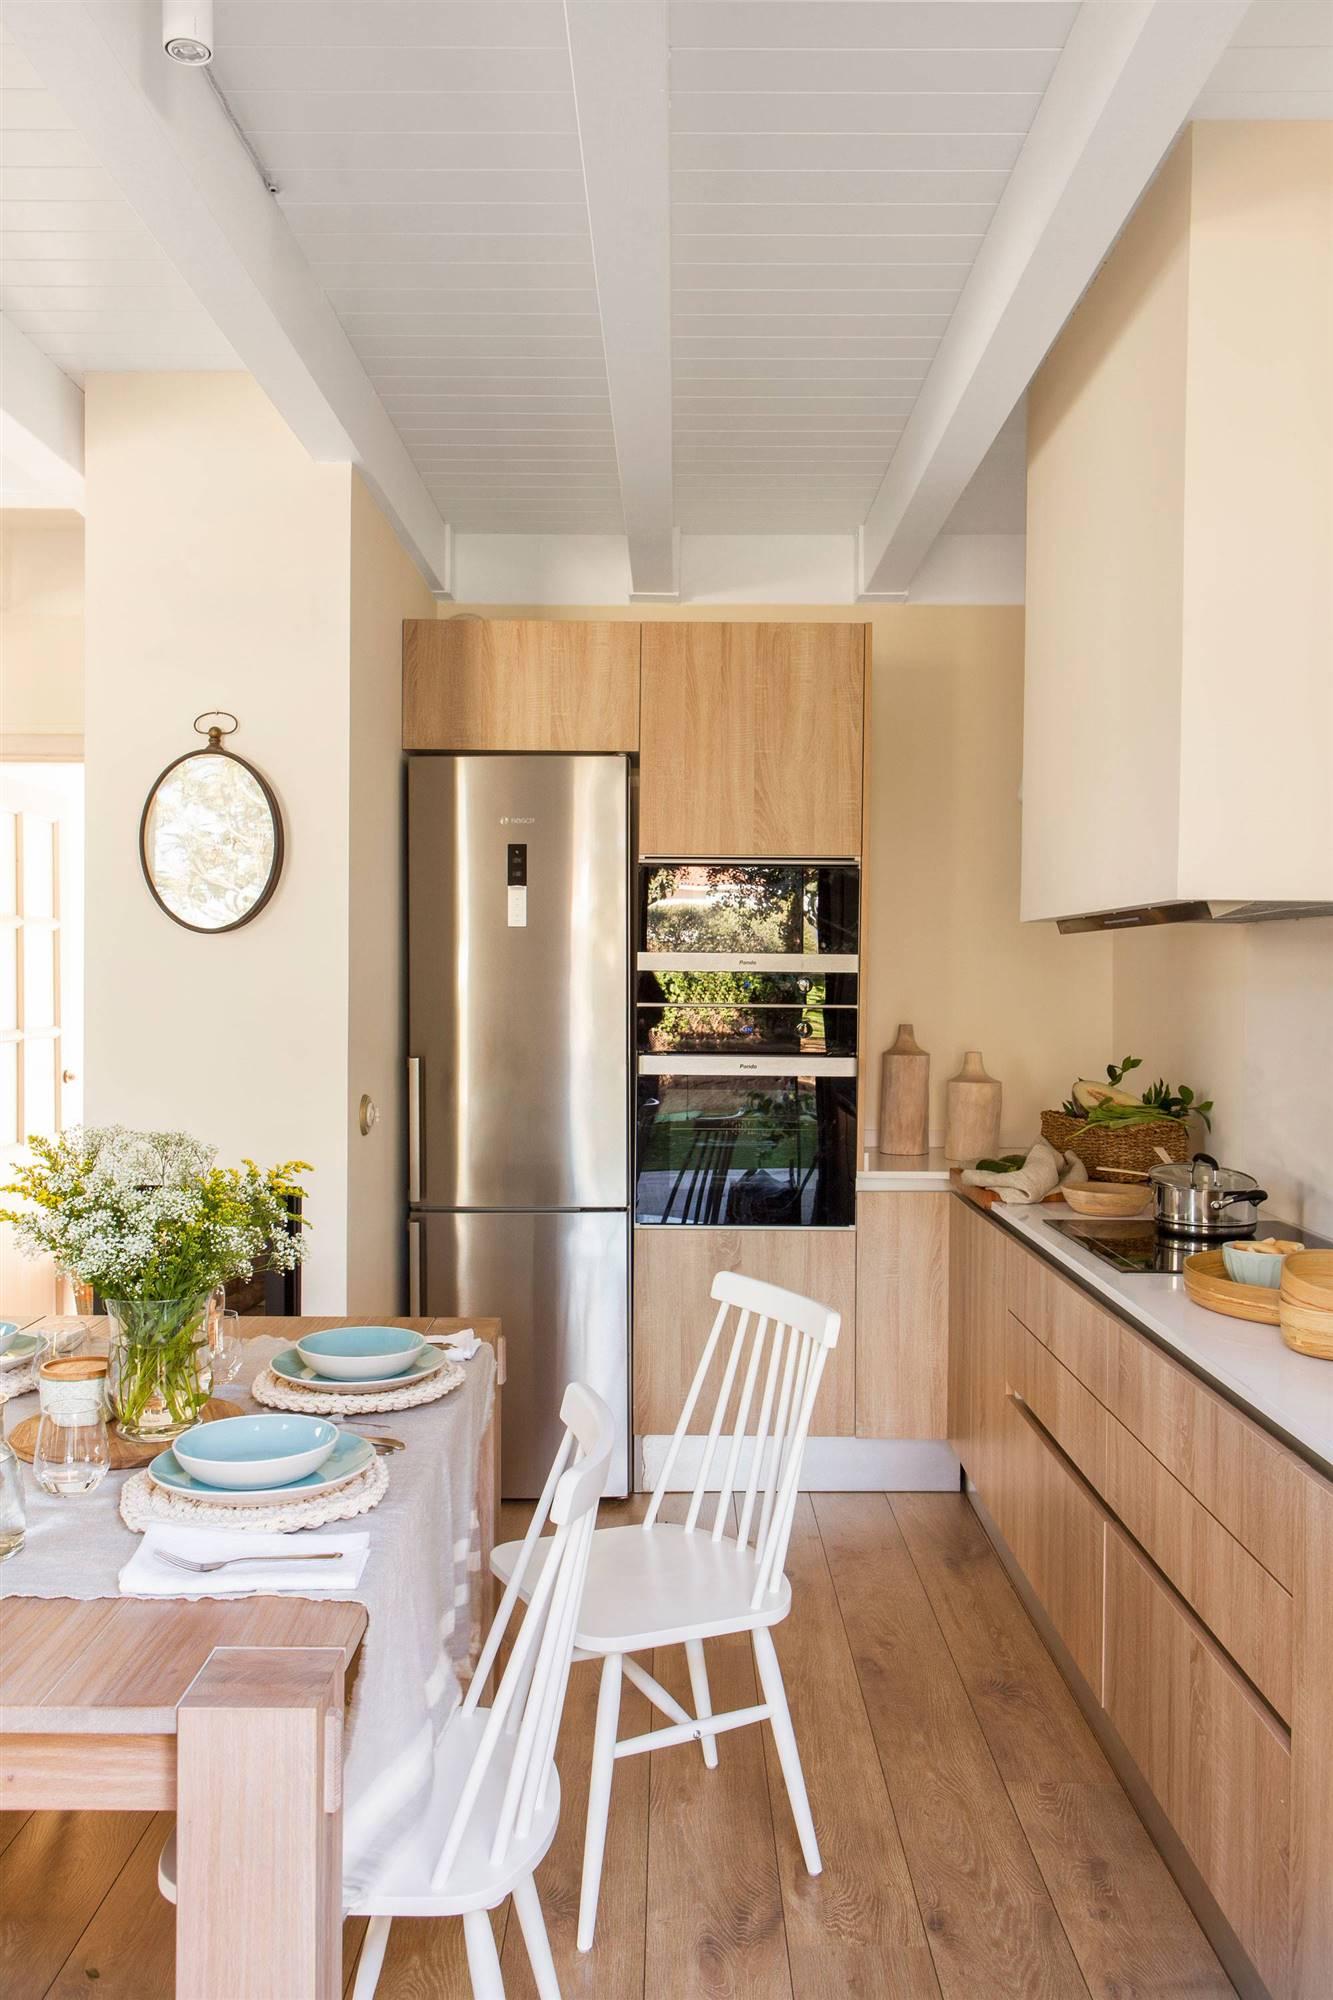 Claves para tener una cocina abierta